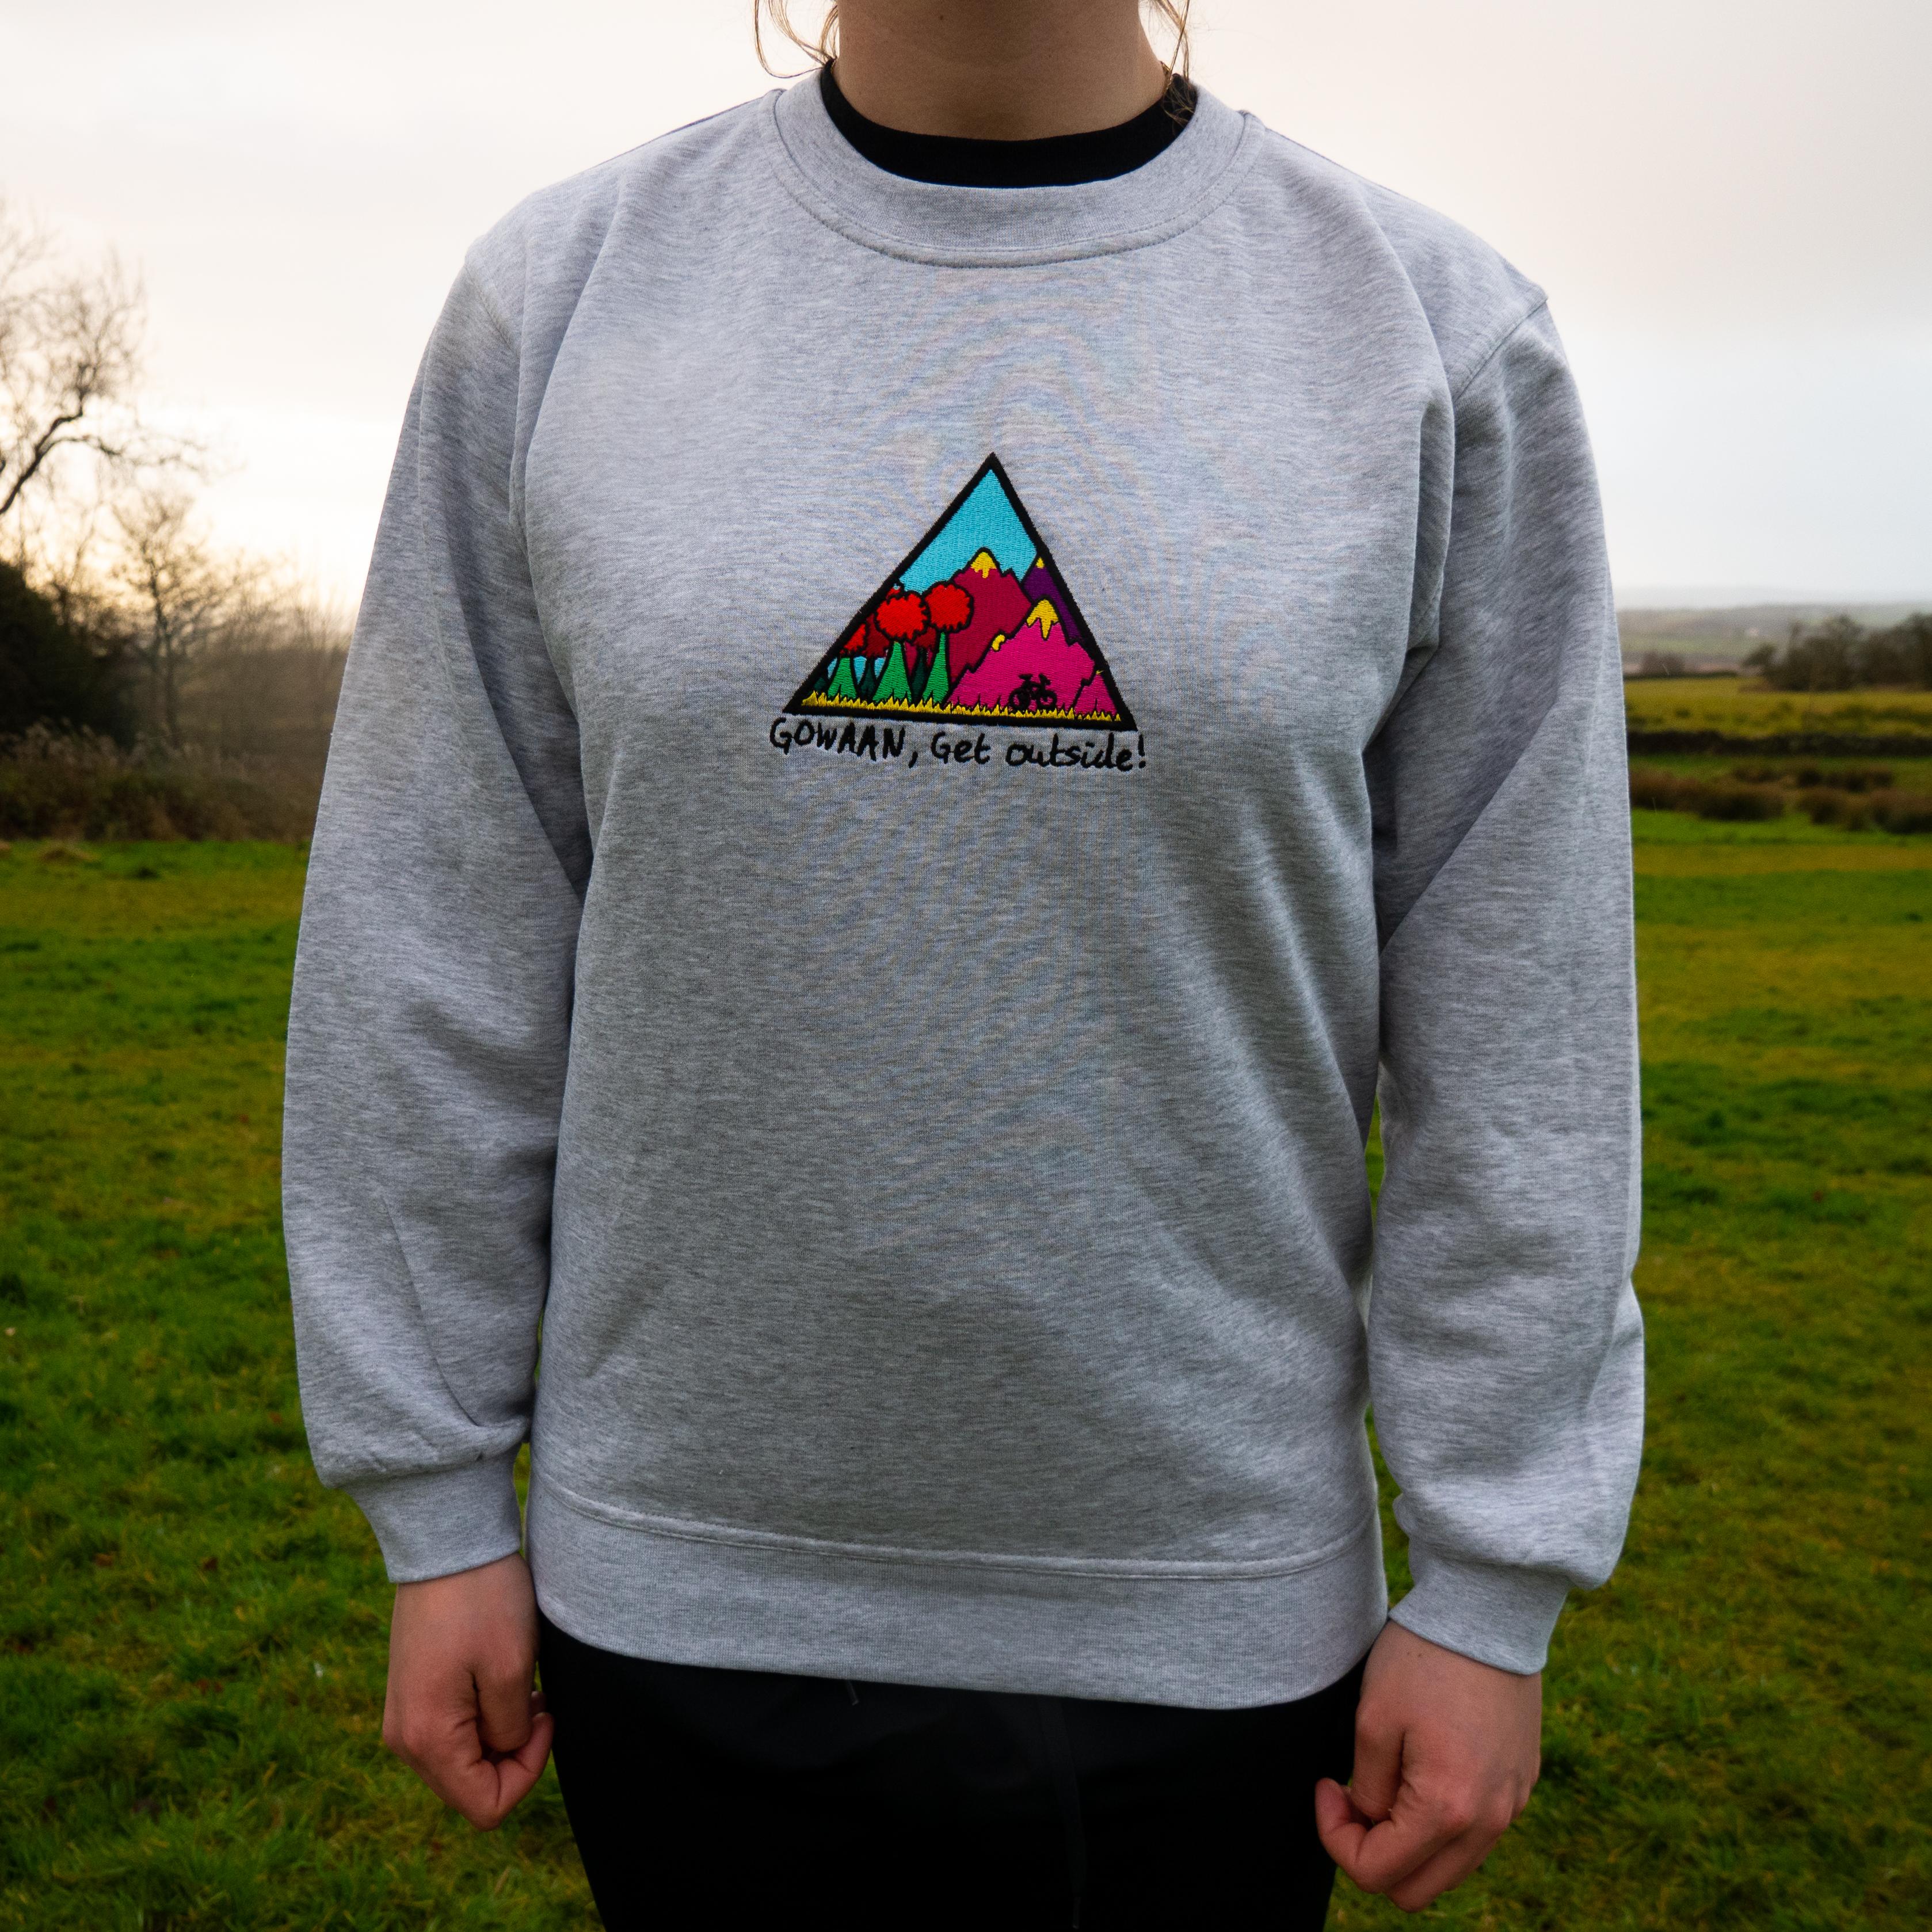 gowaan get outside sweaters